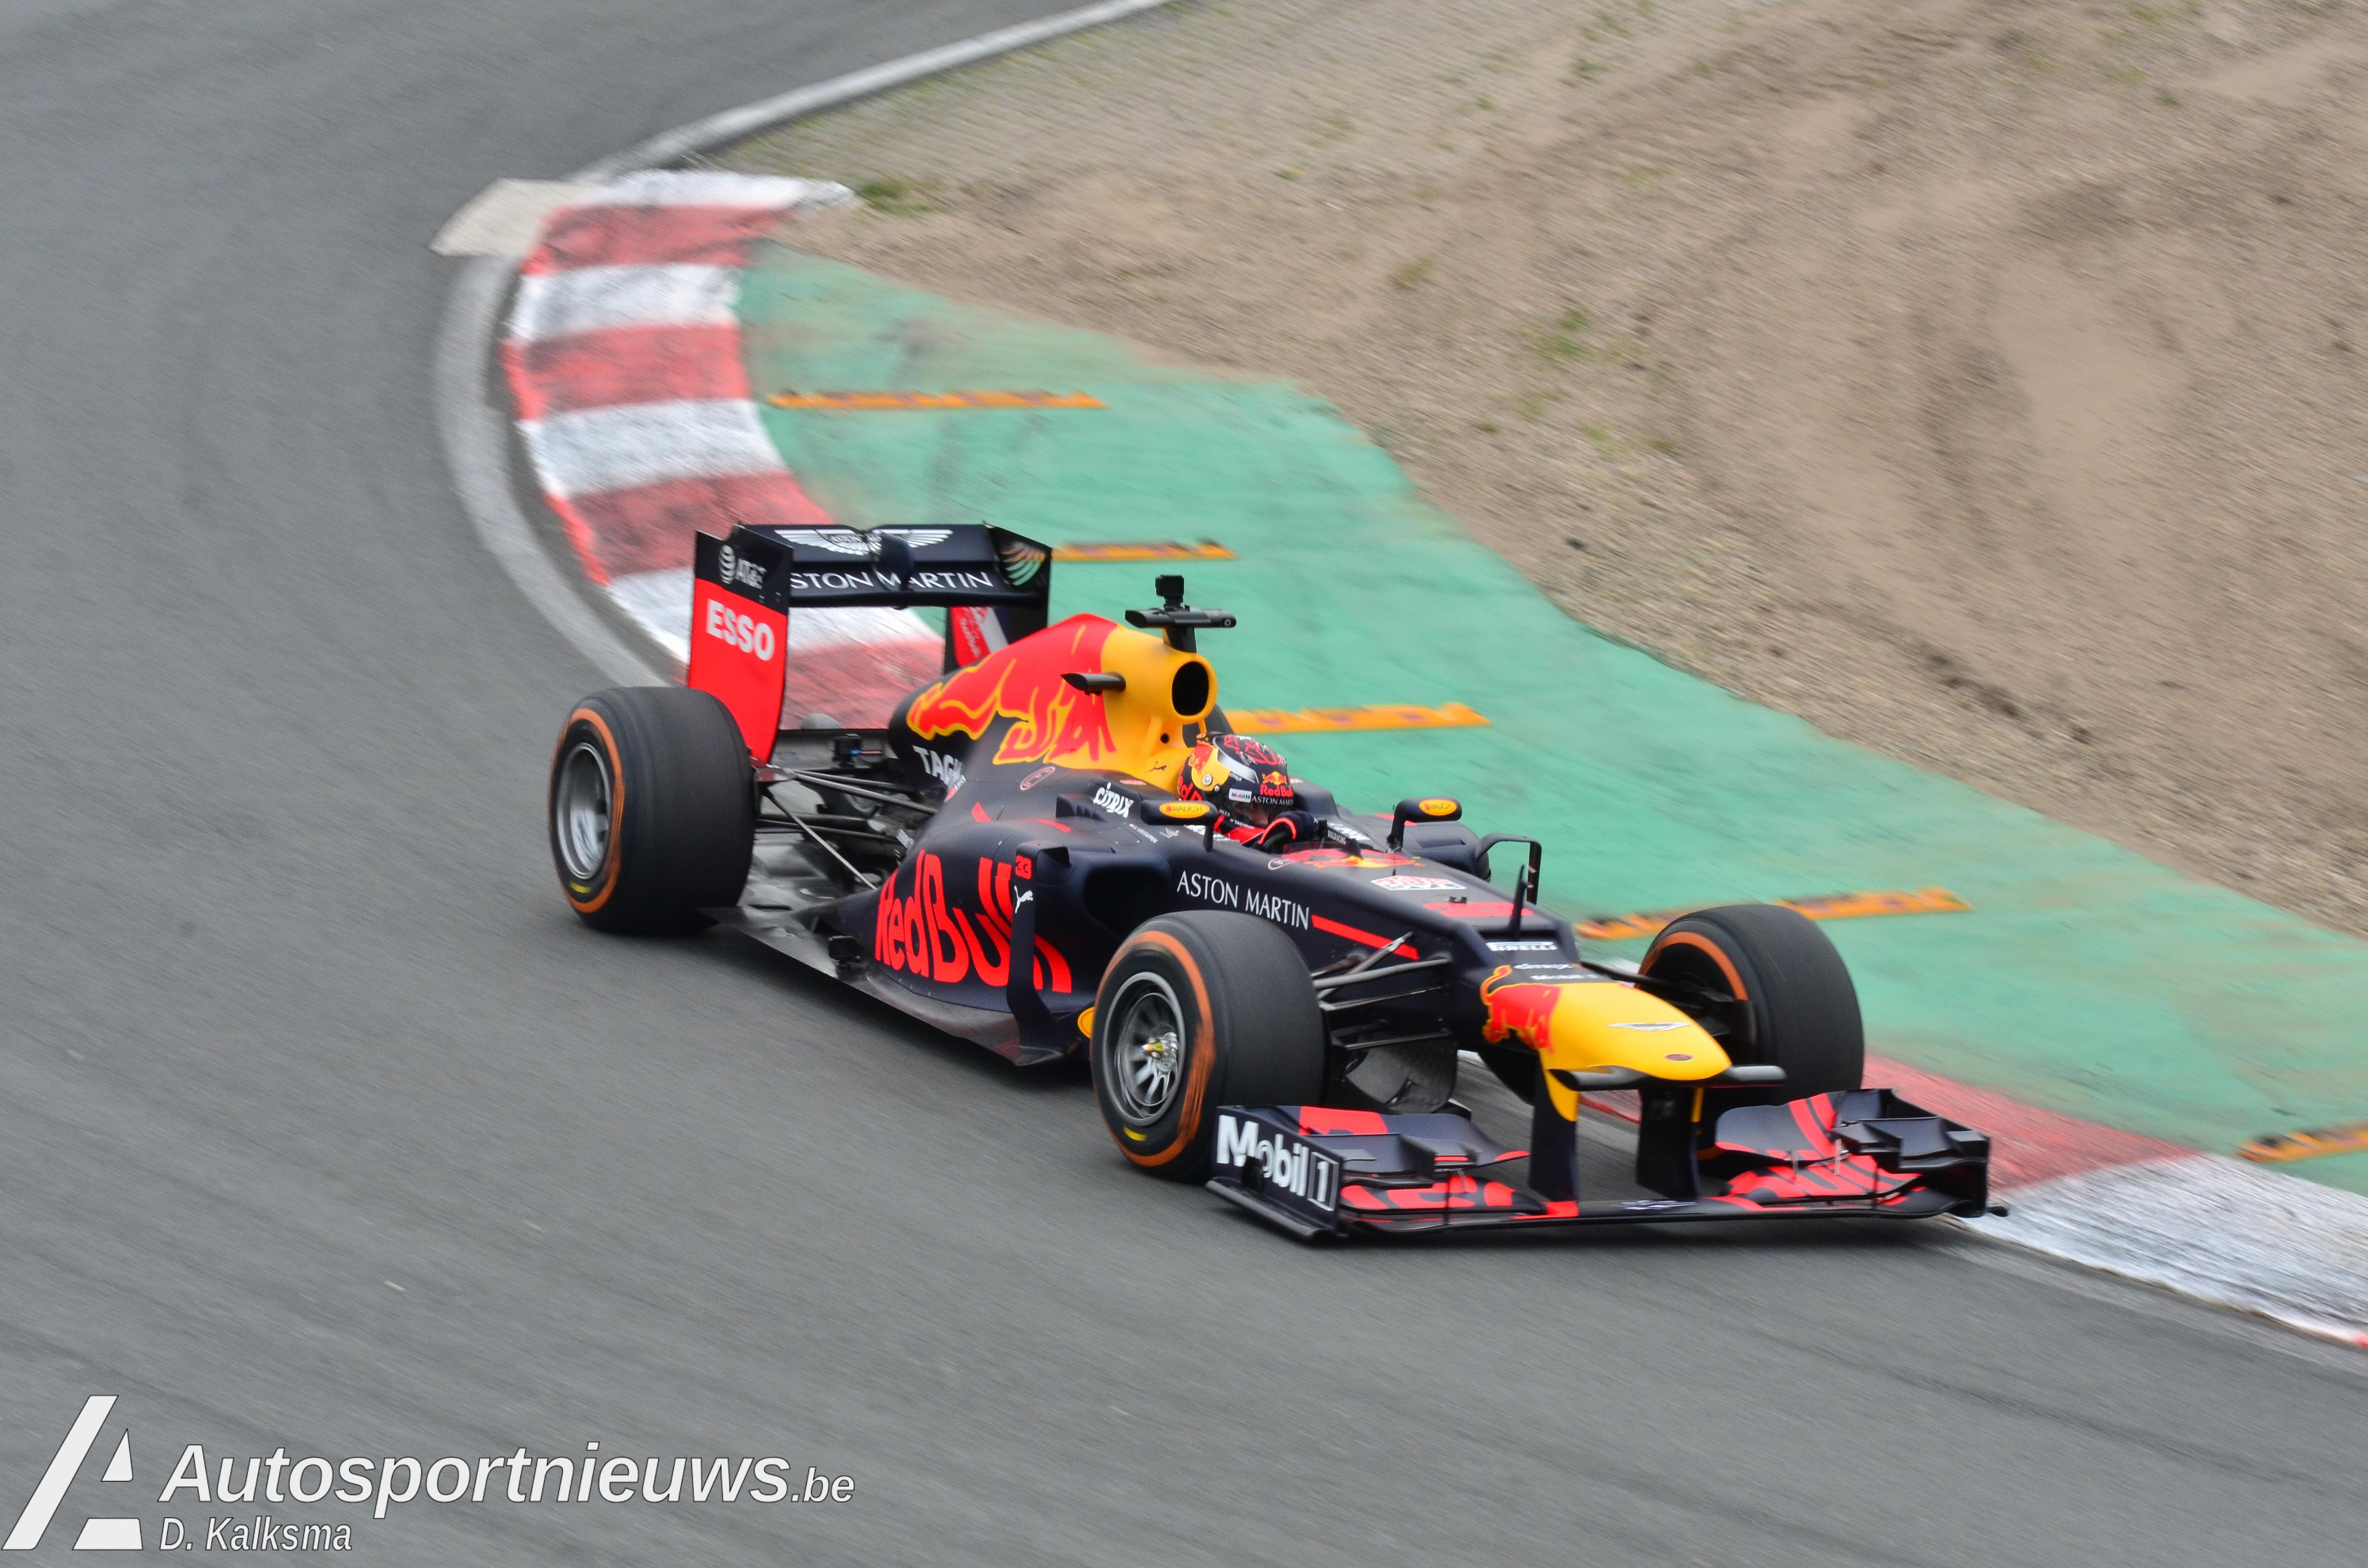 Grand Prix van Nederland op de voorlopige Formule 1 kalender voor 2020